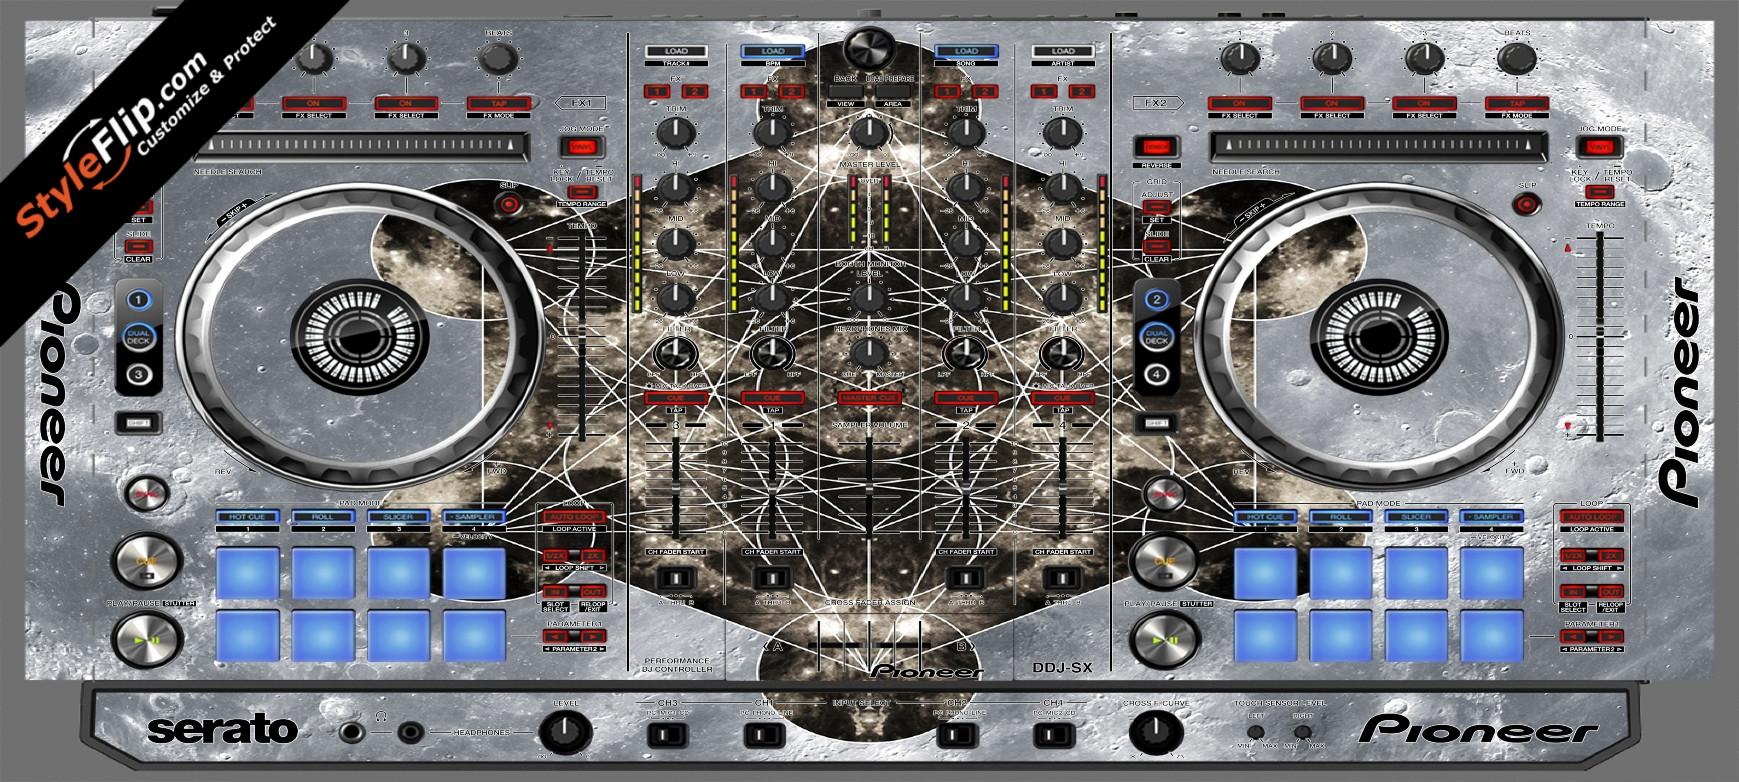 Mystic  Pioneer DDJ-SX